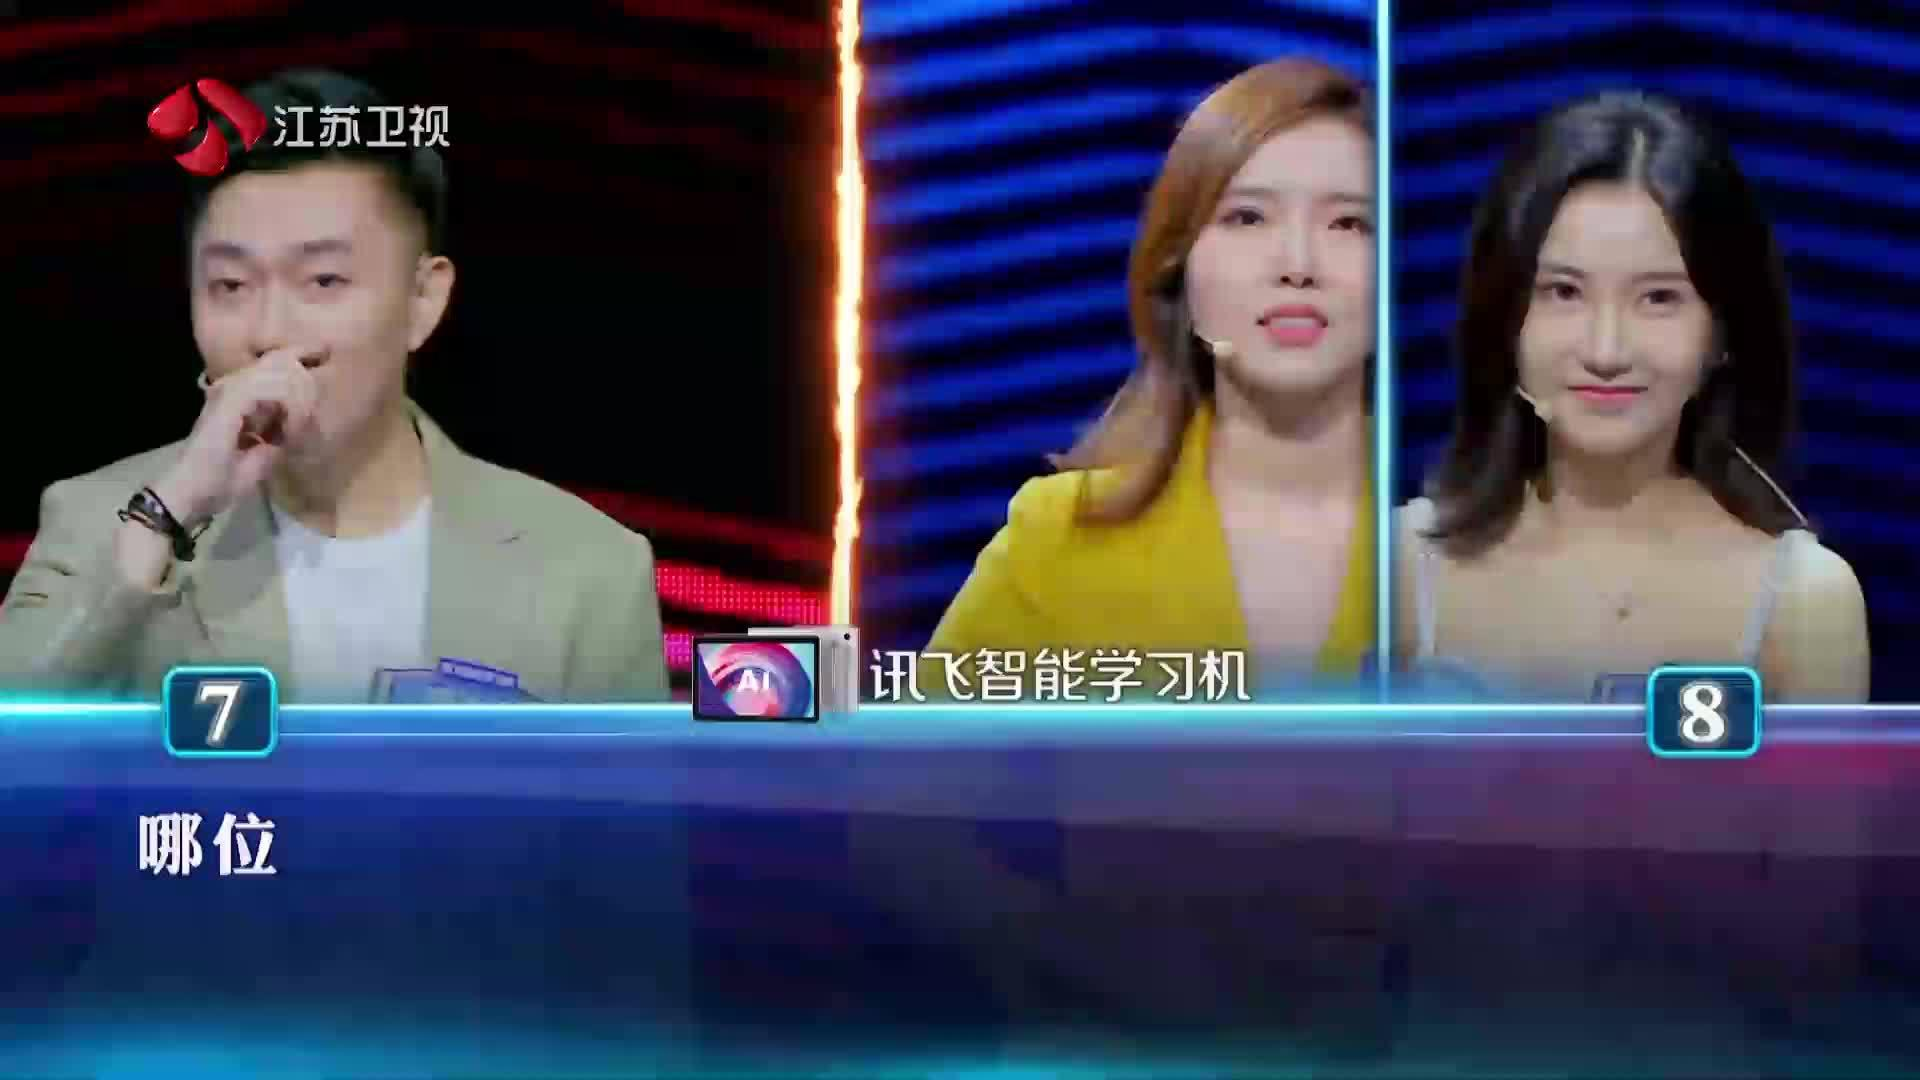 濮小博对战在场两位女将!输了比赛赢了心,值了!